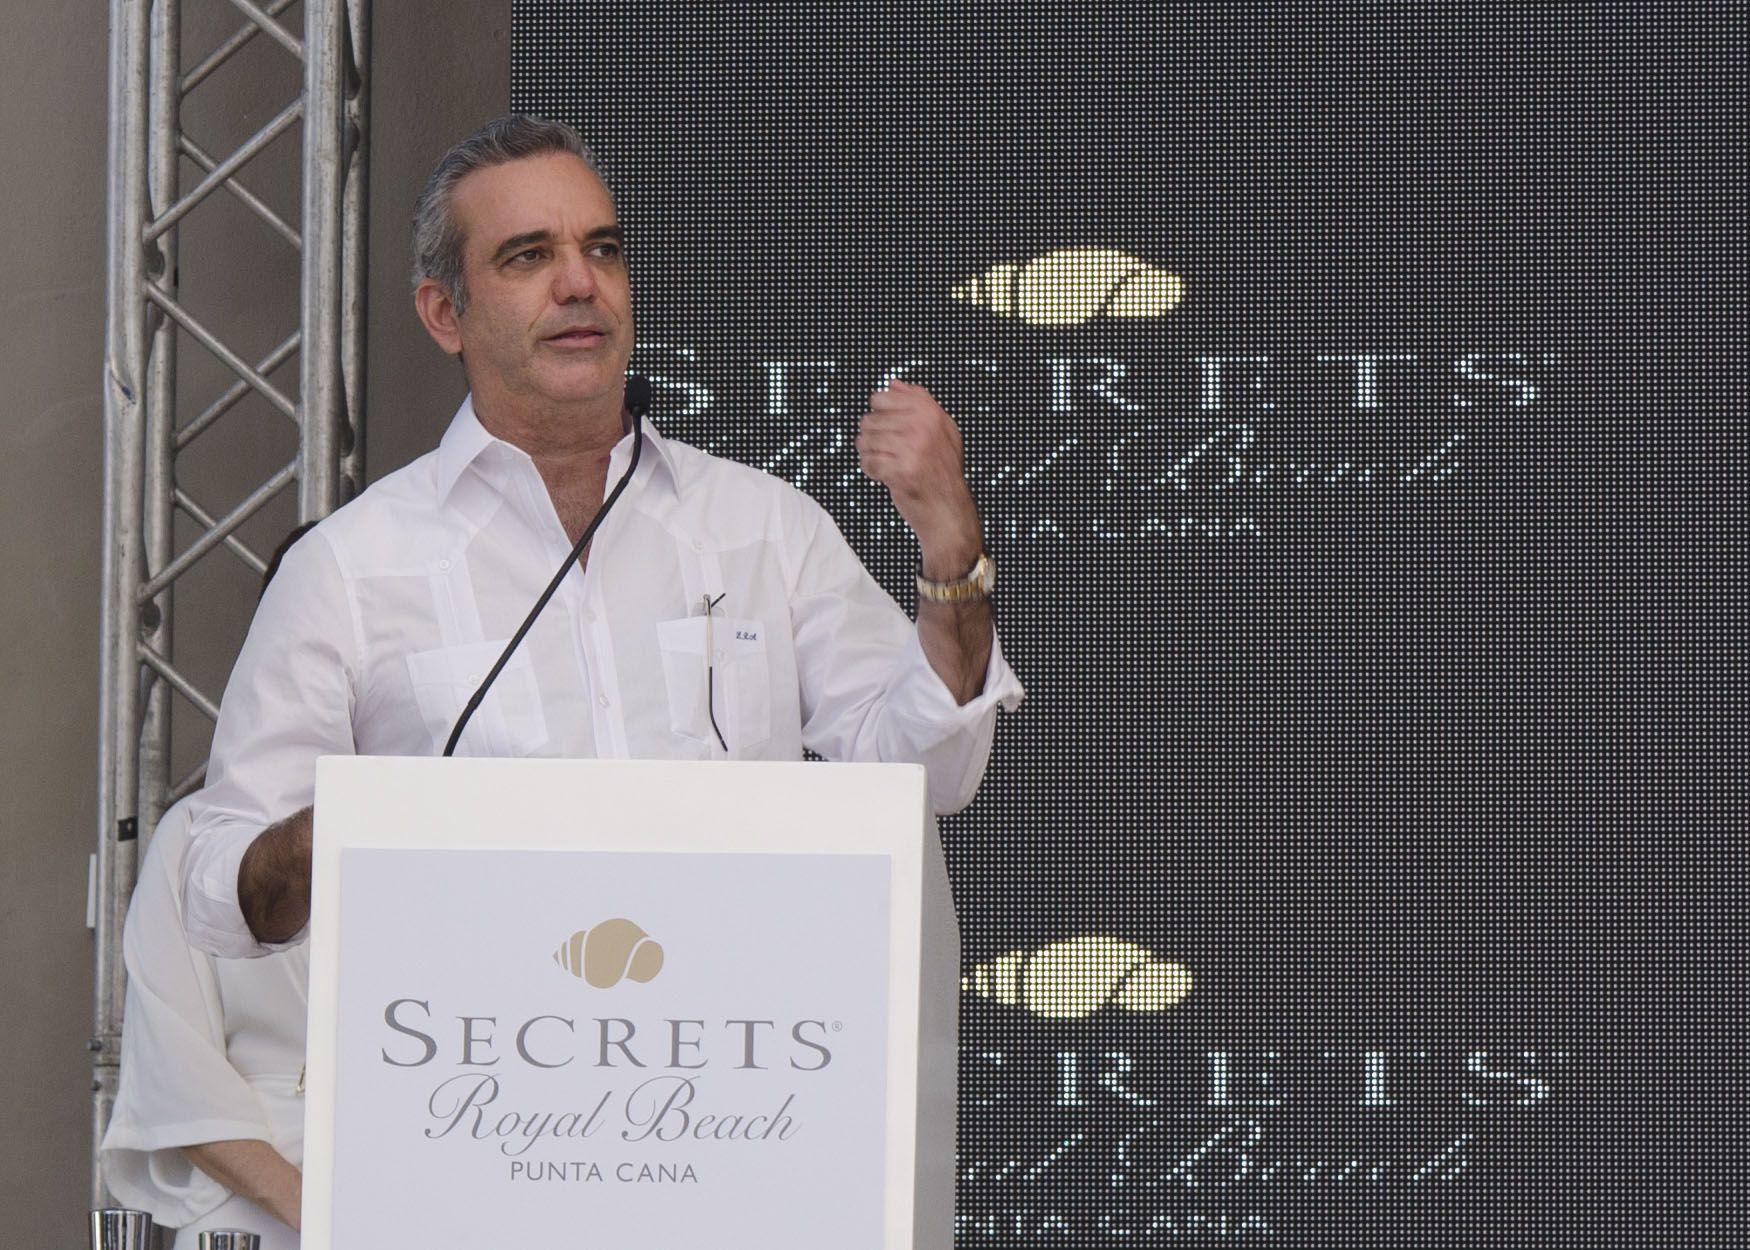 <p>Presidente Luis Abinader inaugura Hotel Secrets Royal Beach Punta Cana</p>